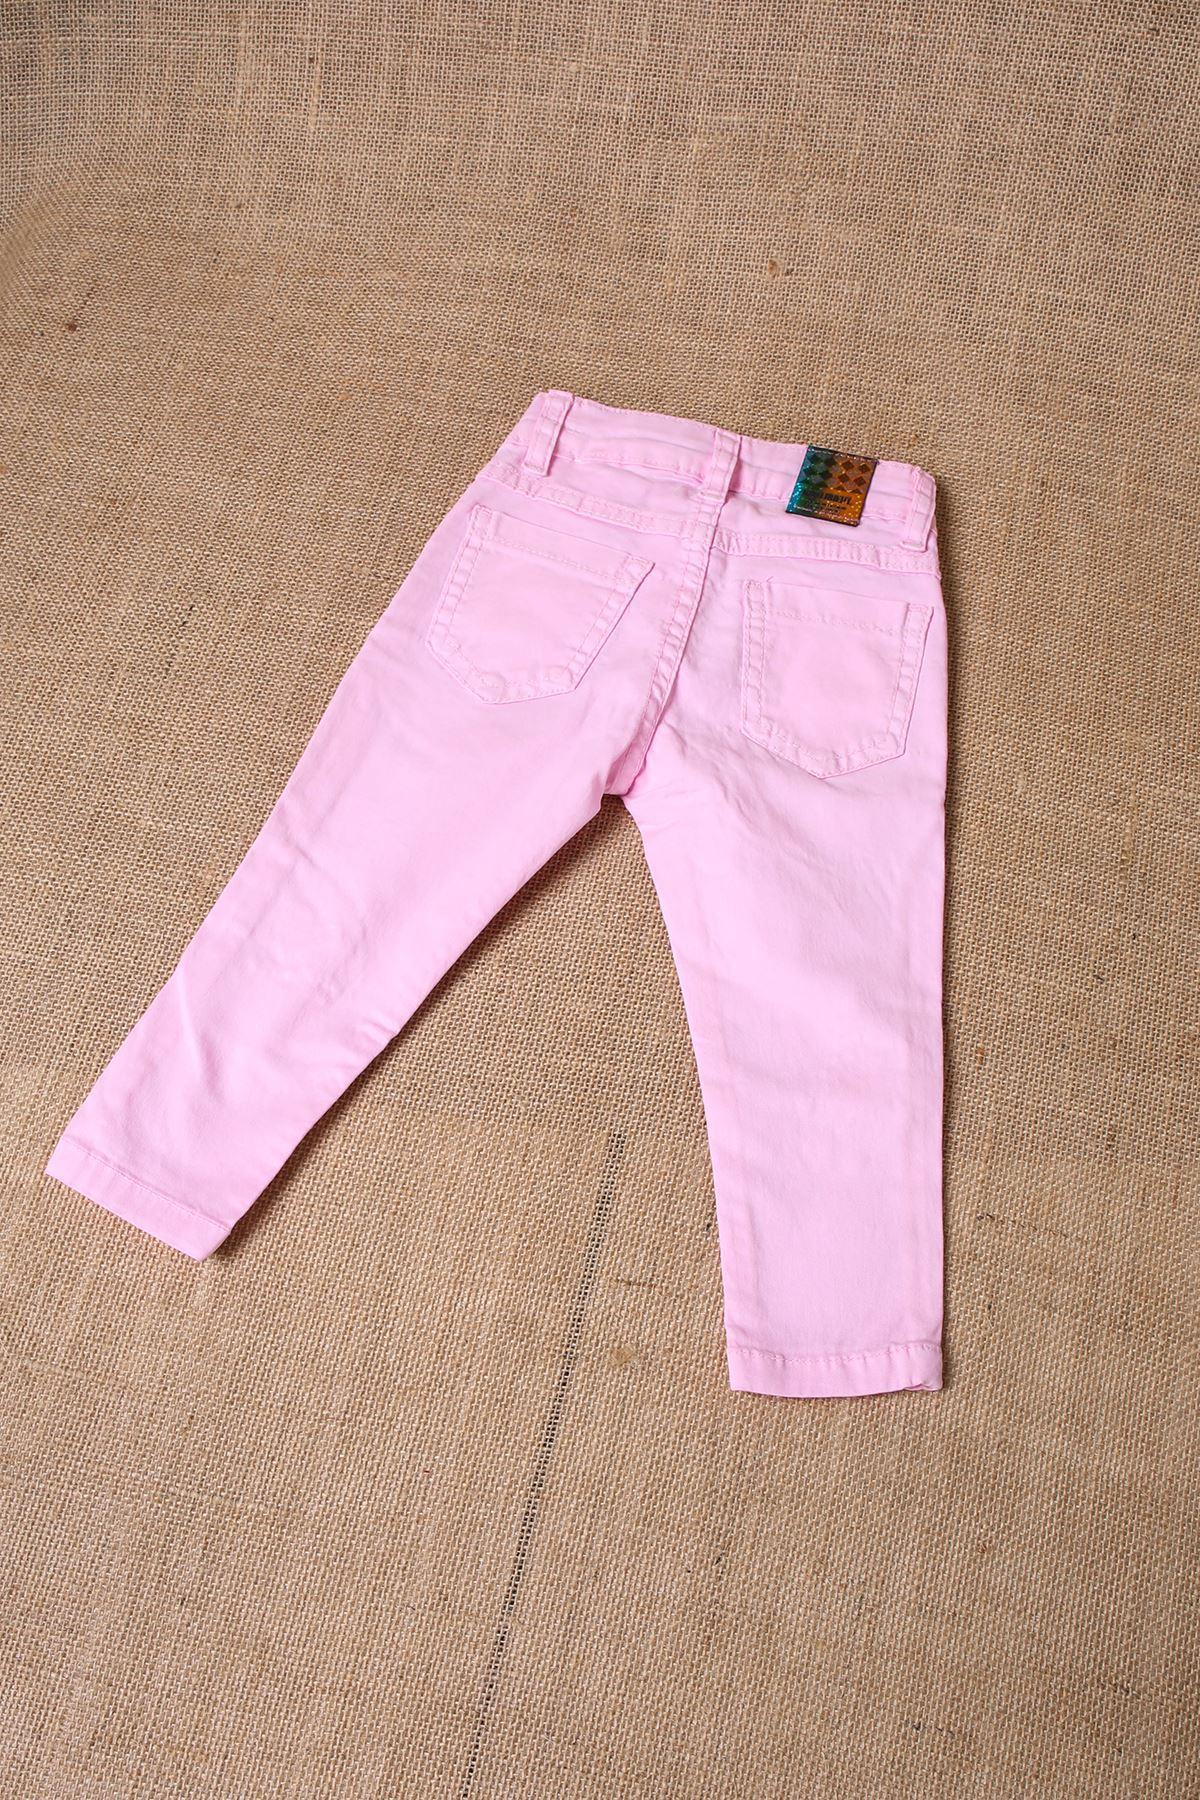 Kalp Nakışlı Dar Paça Kız Çocuk Gabardin Pantolon